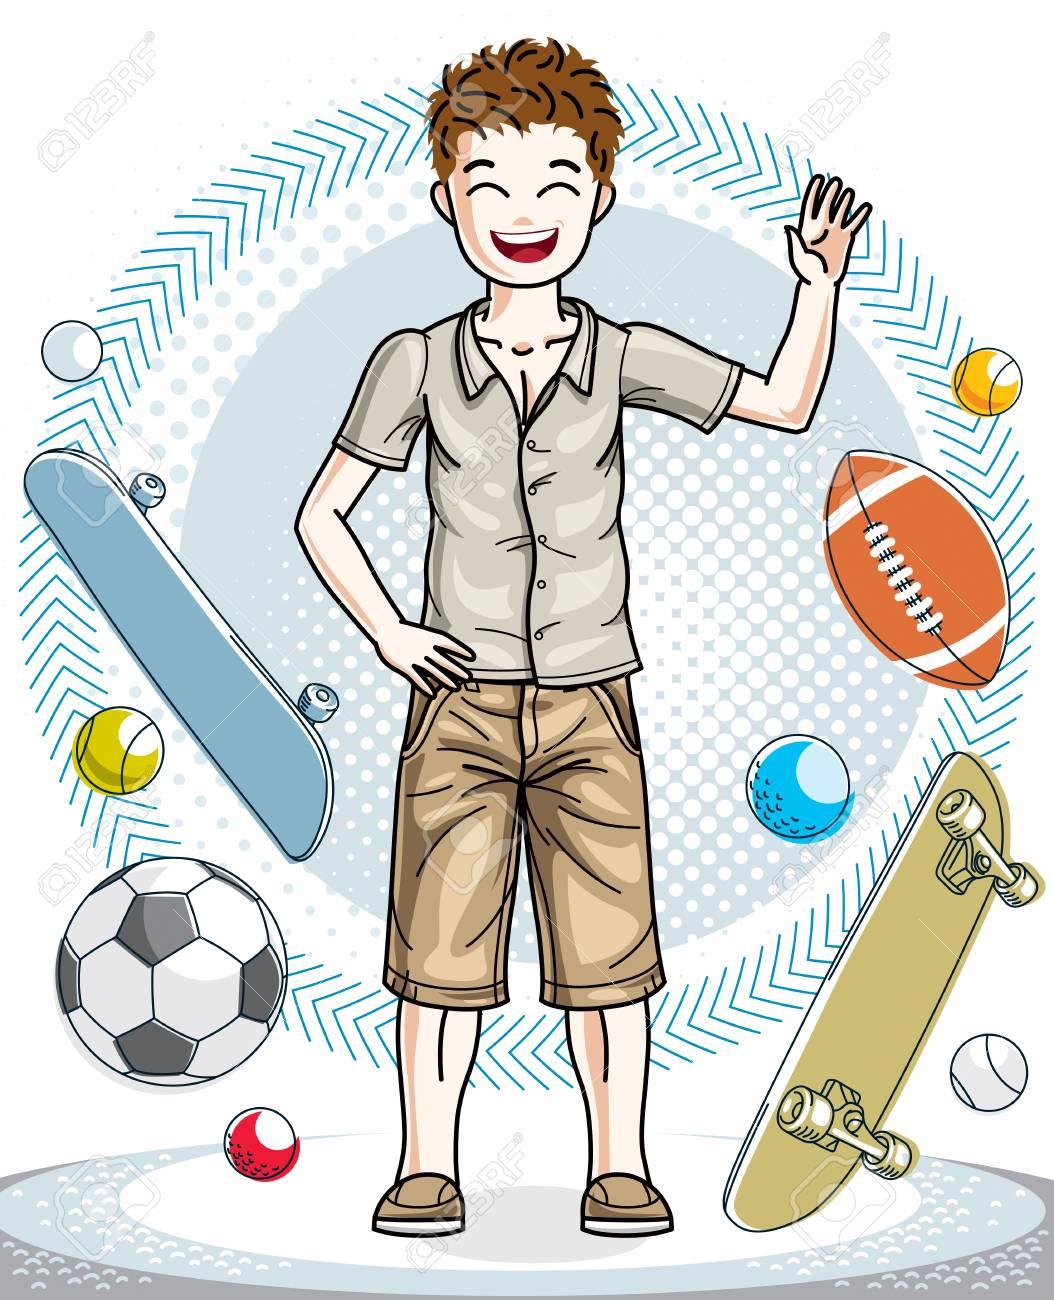 5560043fb664 Hermoso niño agradable joven adolescente posando en ropa casual con estilo.  Ilustración humana del vector. Historieta del tema de la moda y de la ...